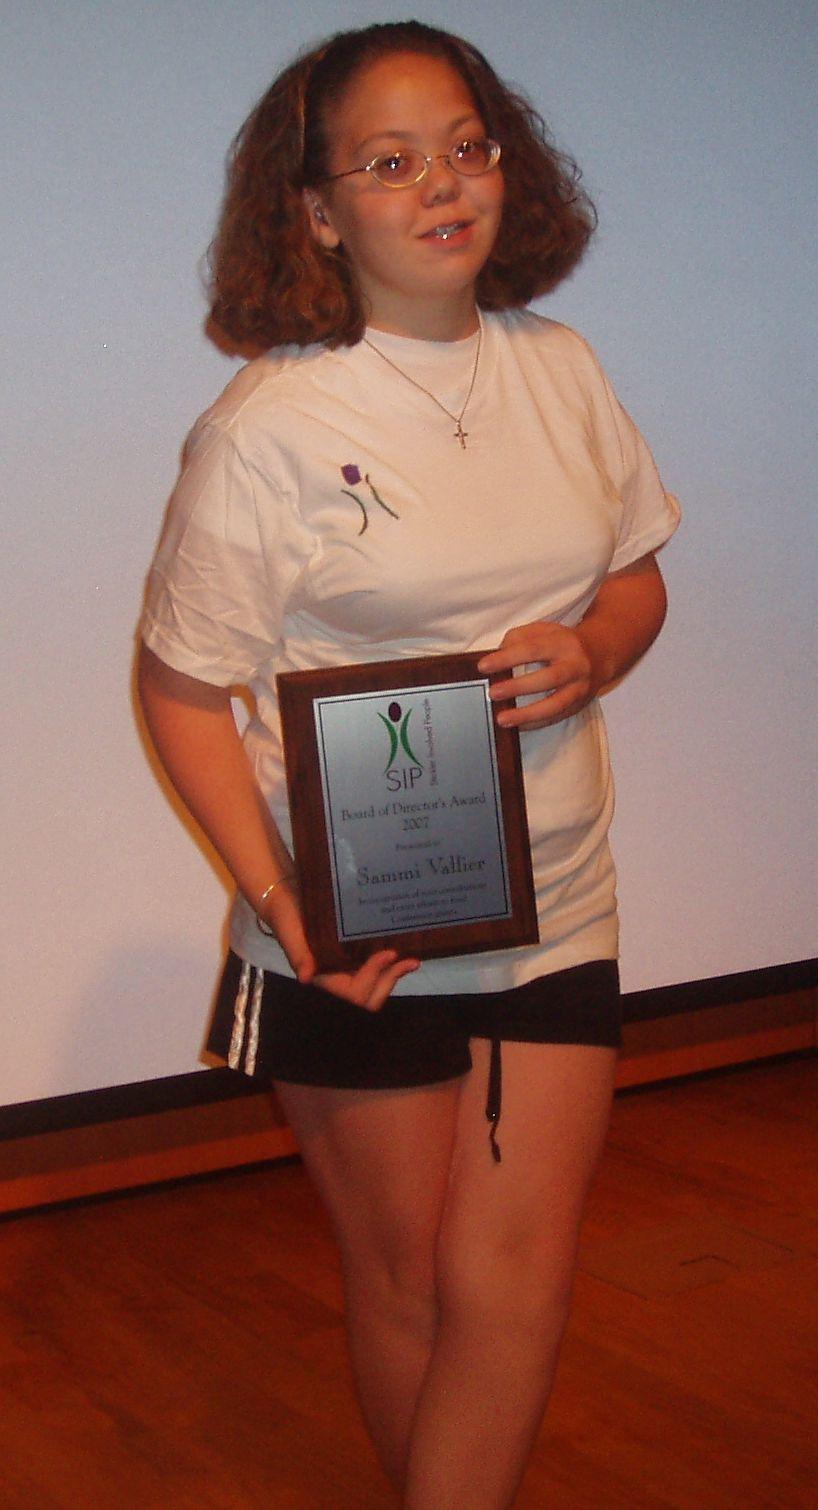 Sammi Vallier & her Award